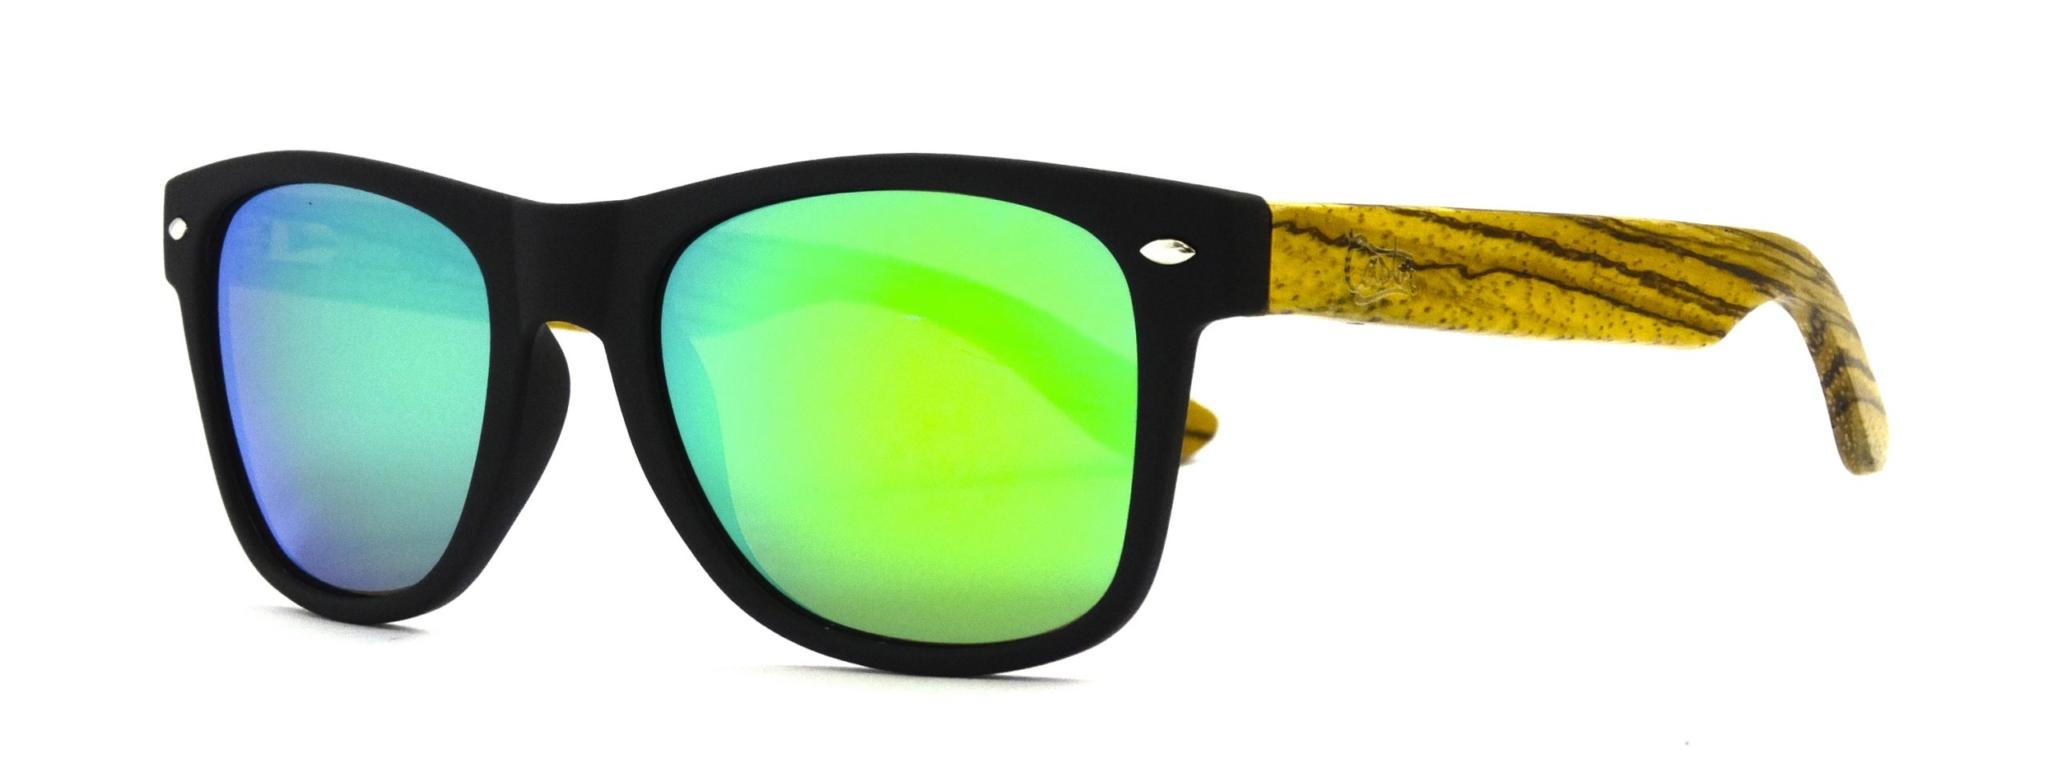 b9544397-97b-gafas-de-sol